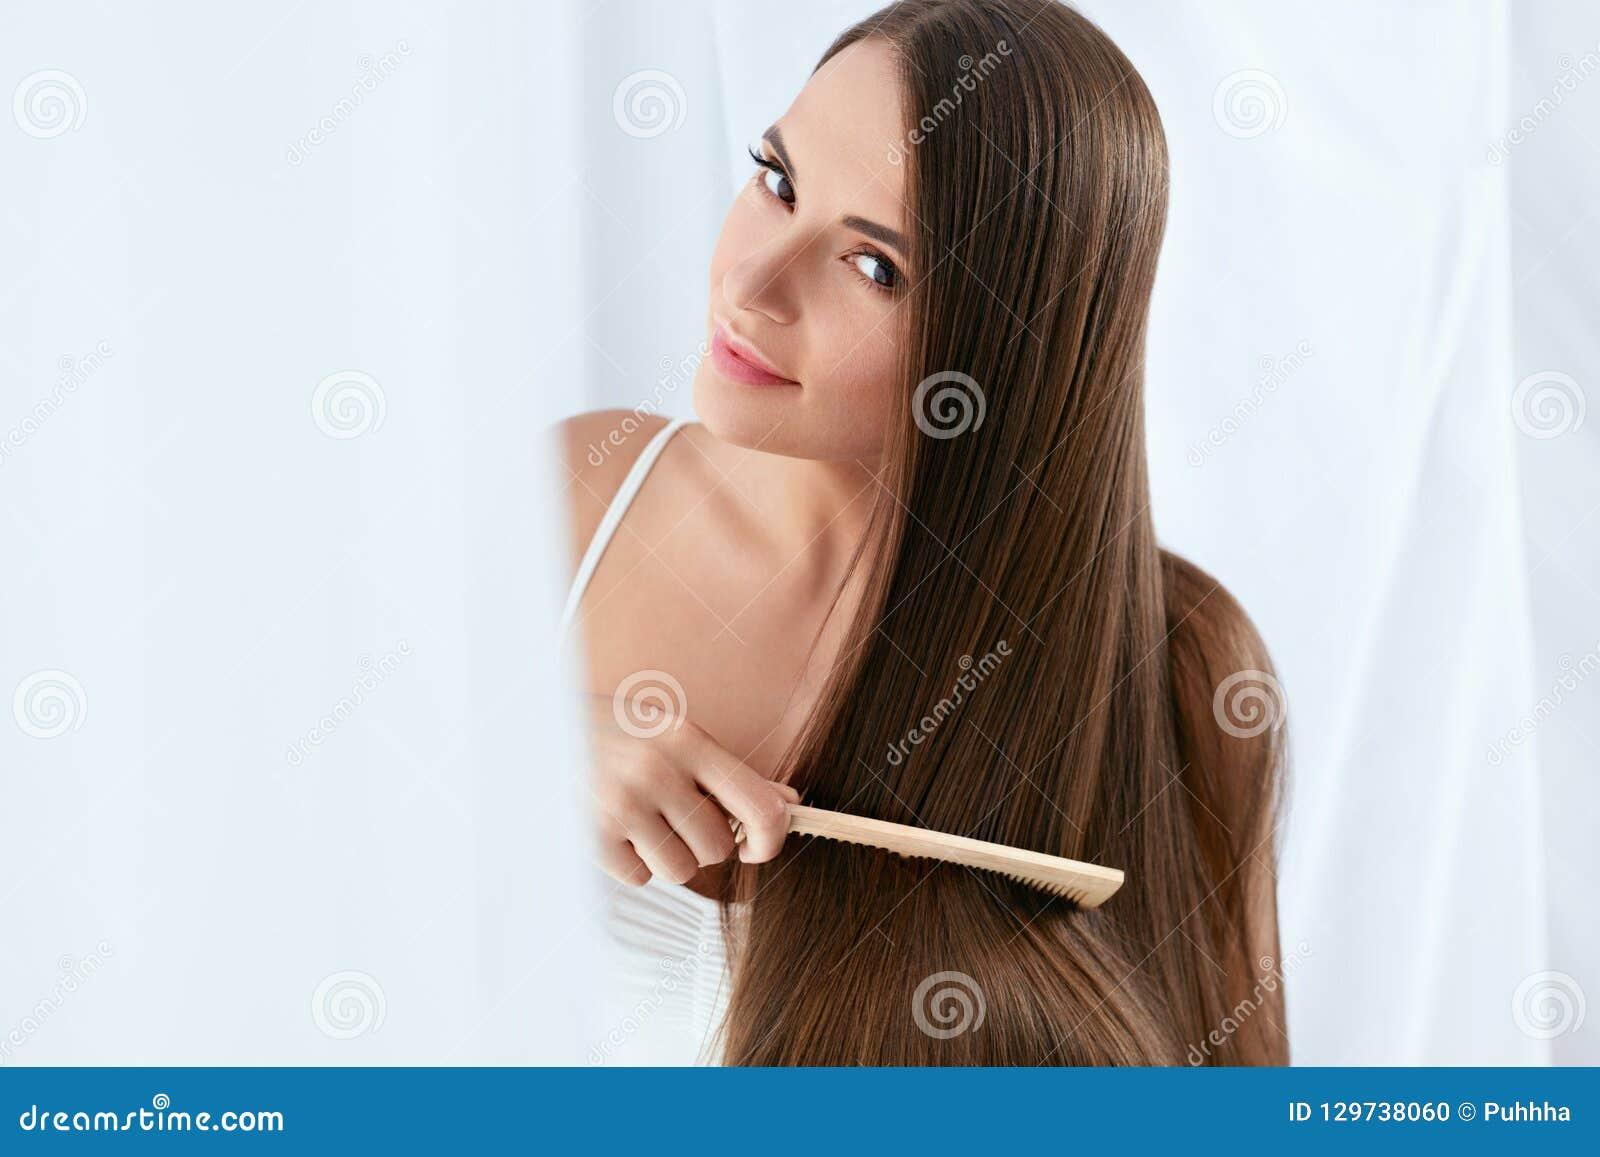 Soins capillaires de beauté Belle femme peignant de longs cheveux naturels